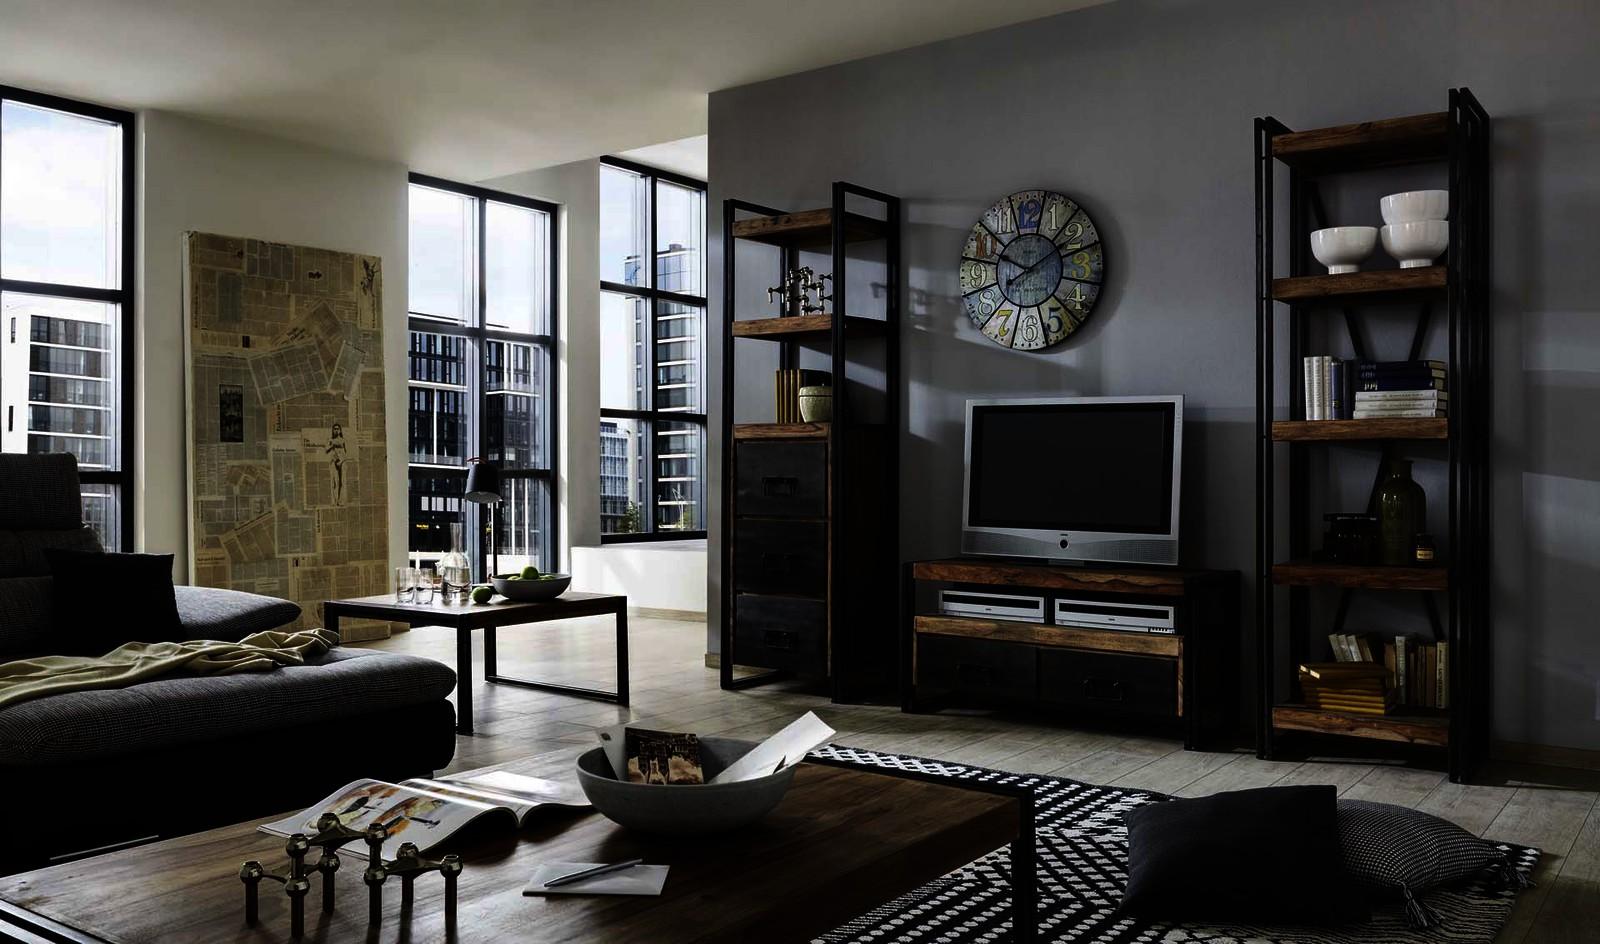 Vintage m bel wohnzimmer - Wohnzimmer vintage ...